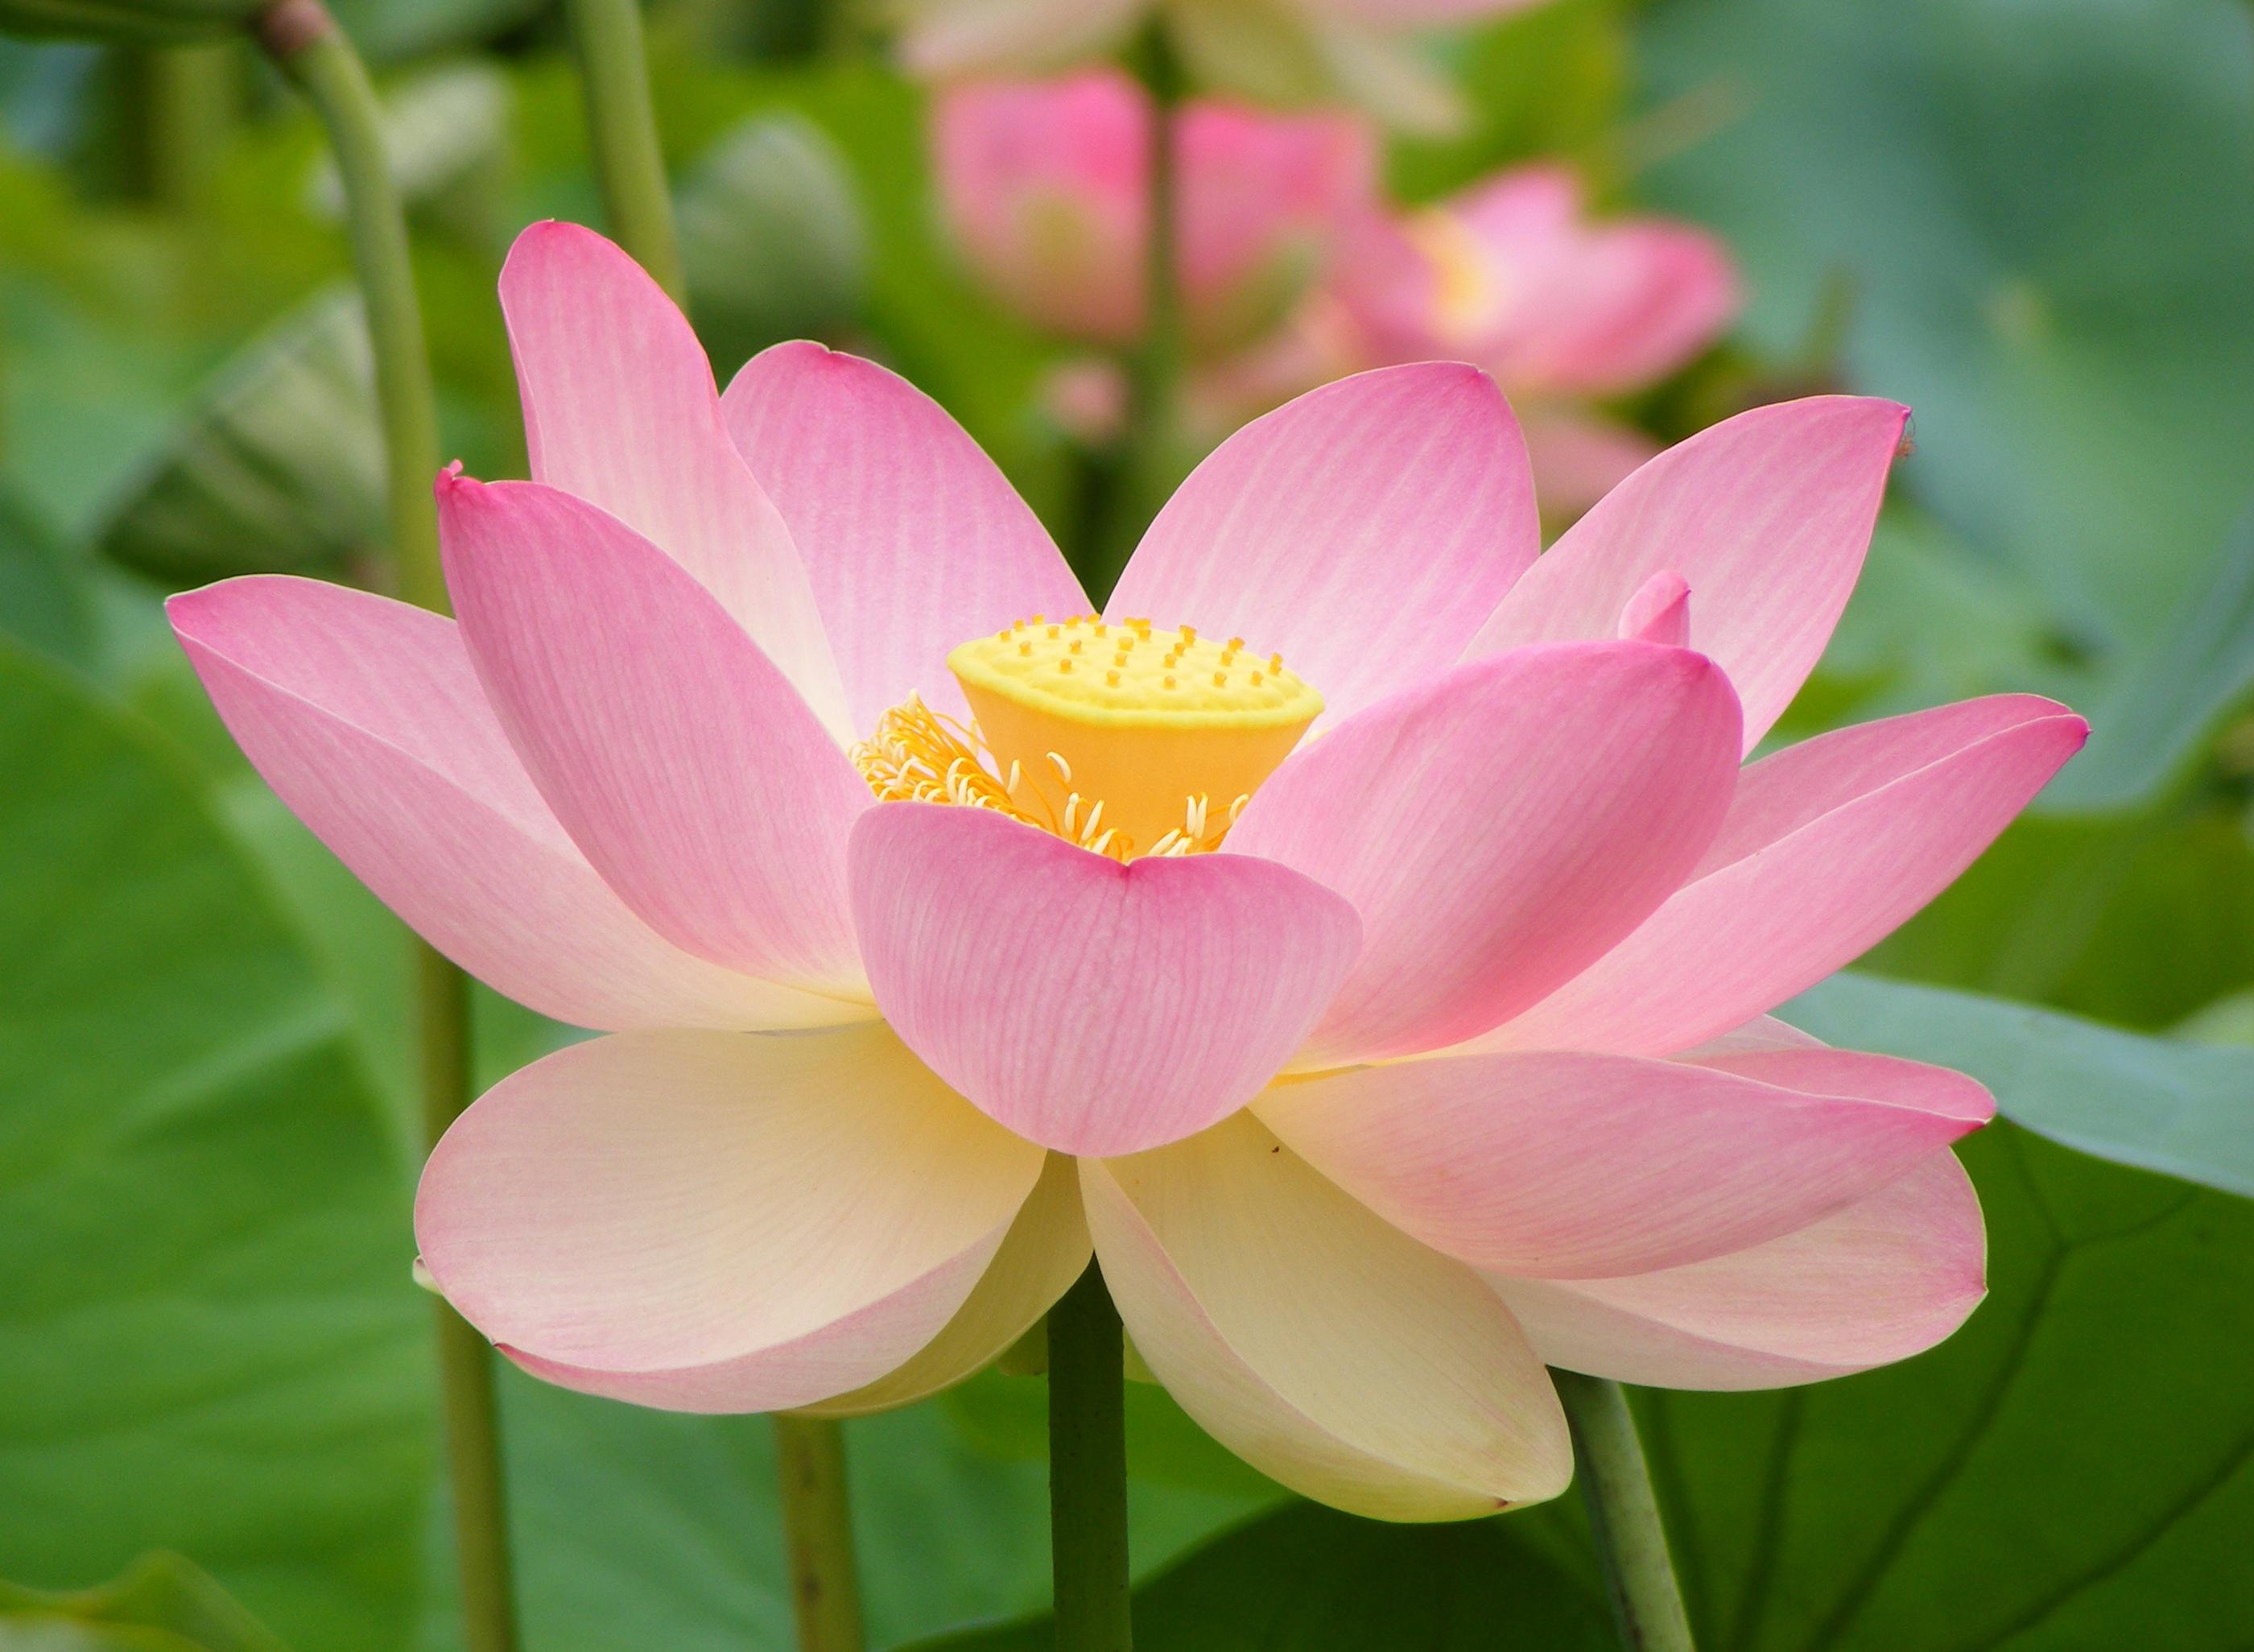 National symbols animal birdtreeflowerfruit emblem of india national flower lotus of india biocorpaavc Image collections